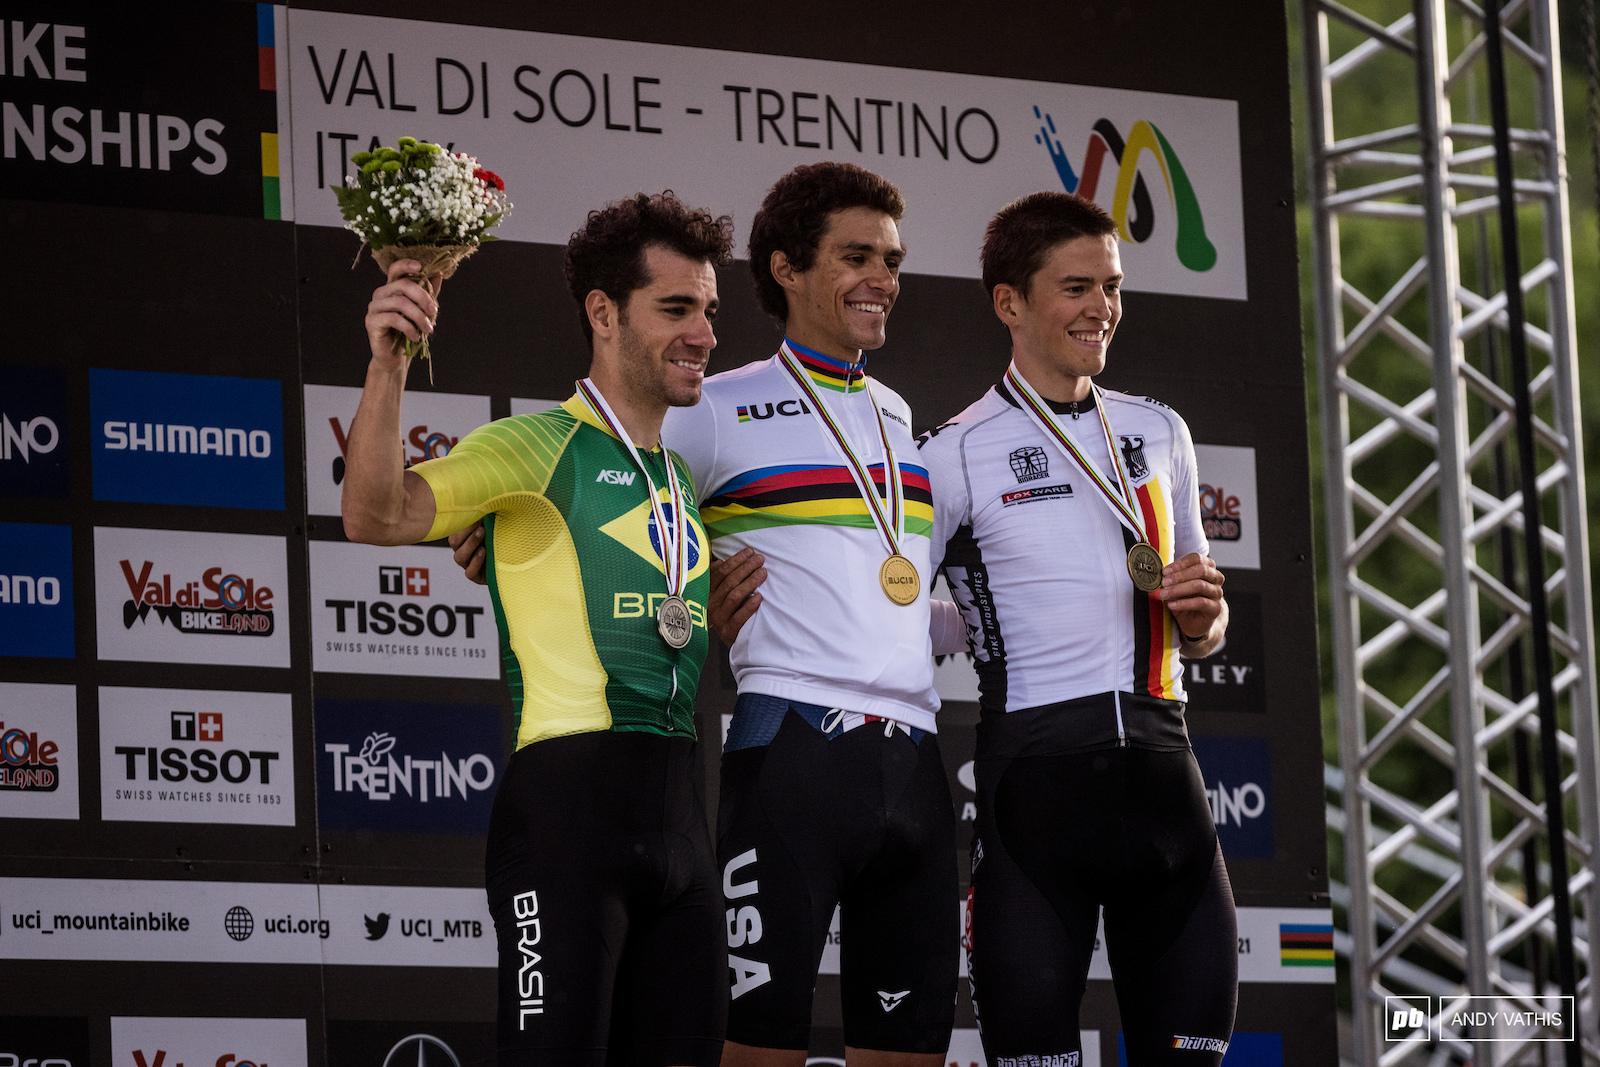 Your top 3 Men Elite - 1st Christopher Blevins 2nd Henrique Avancini 3rd Max Brandl